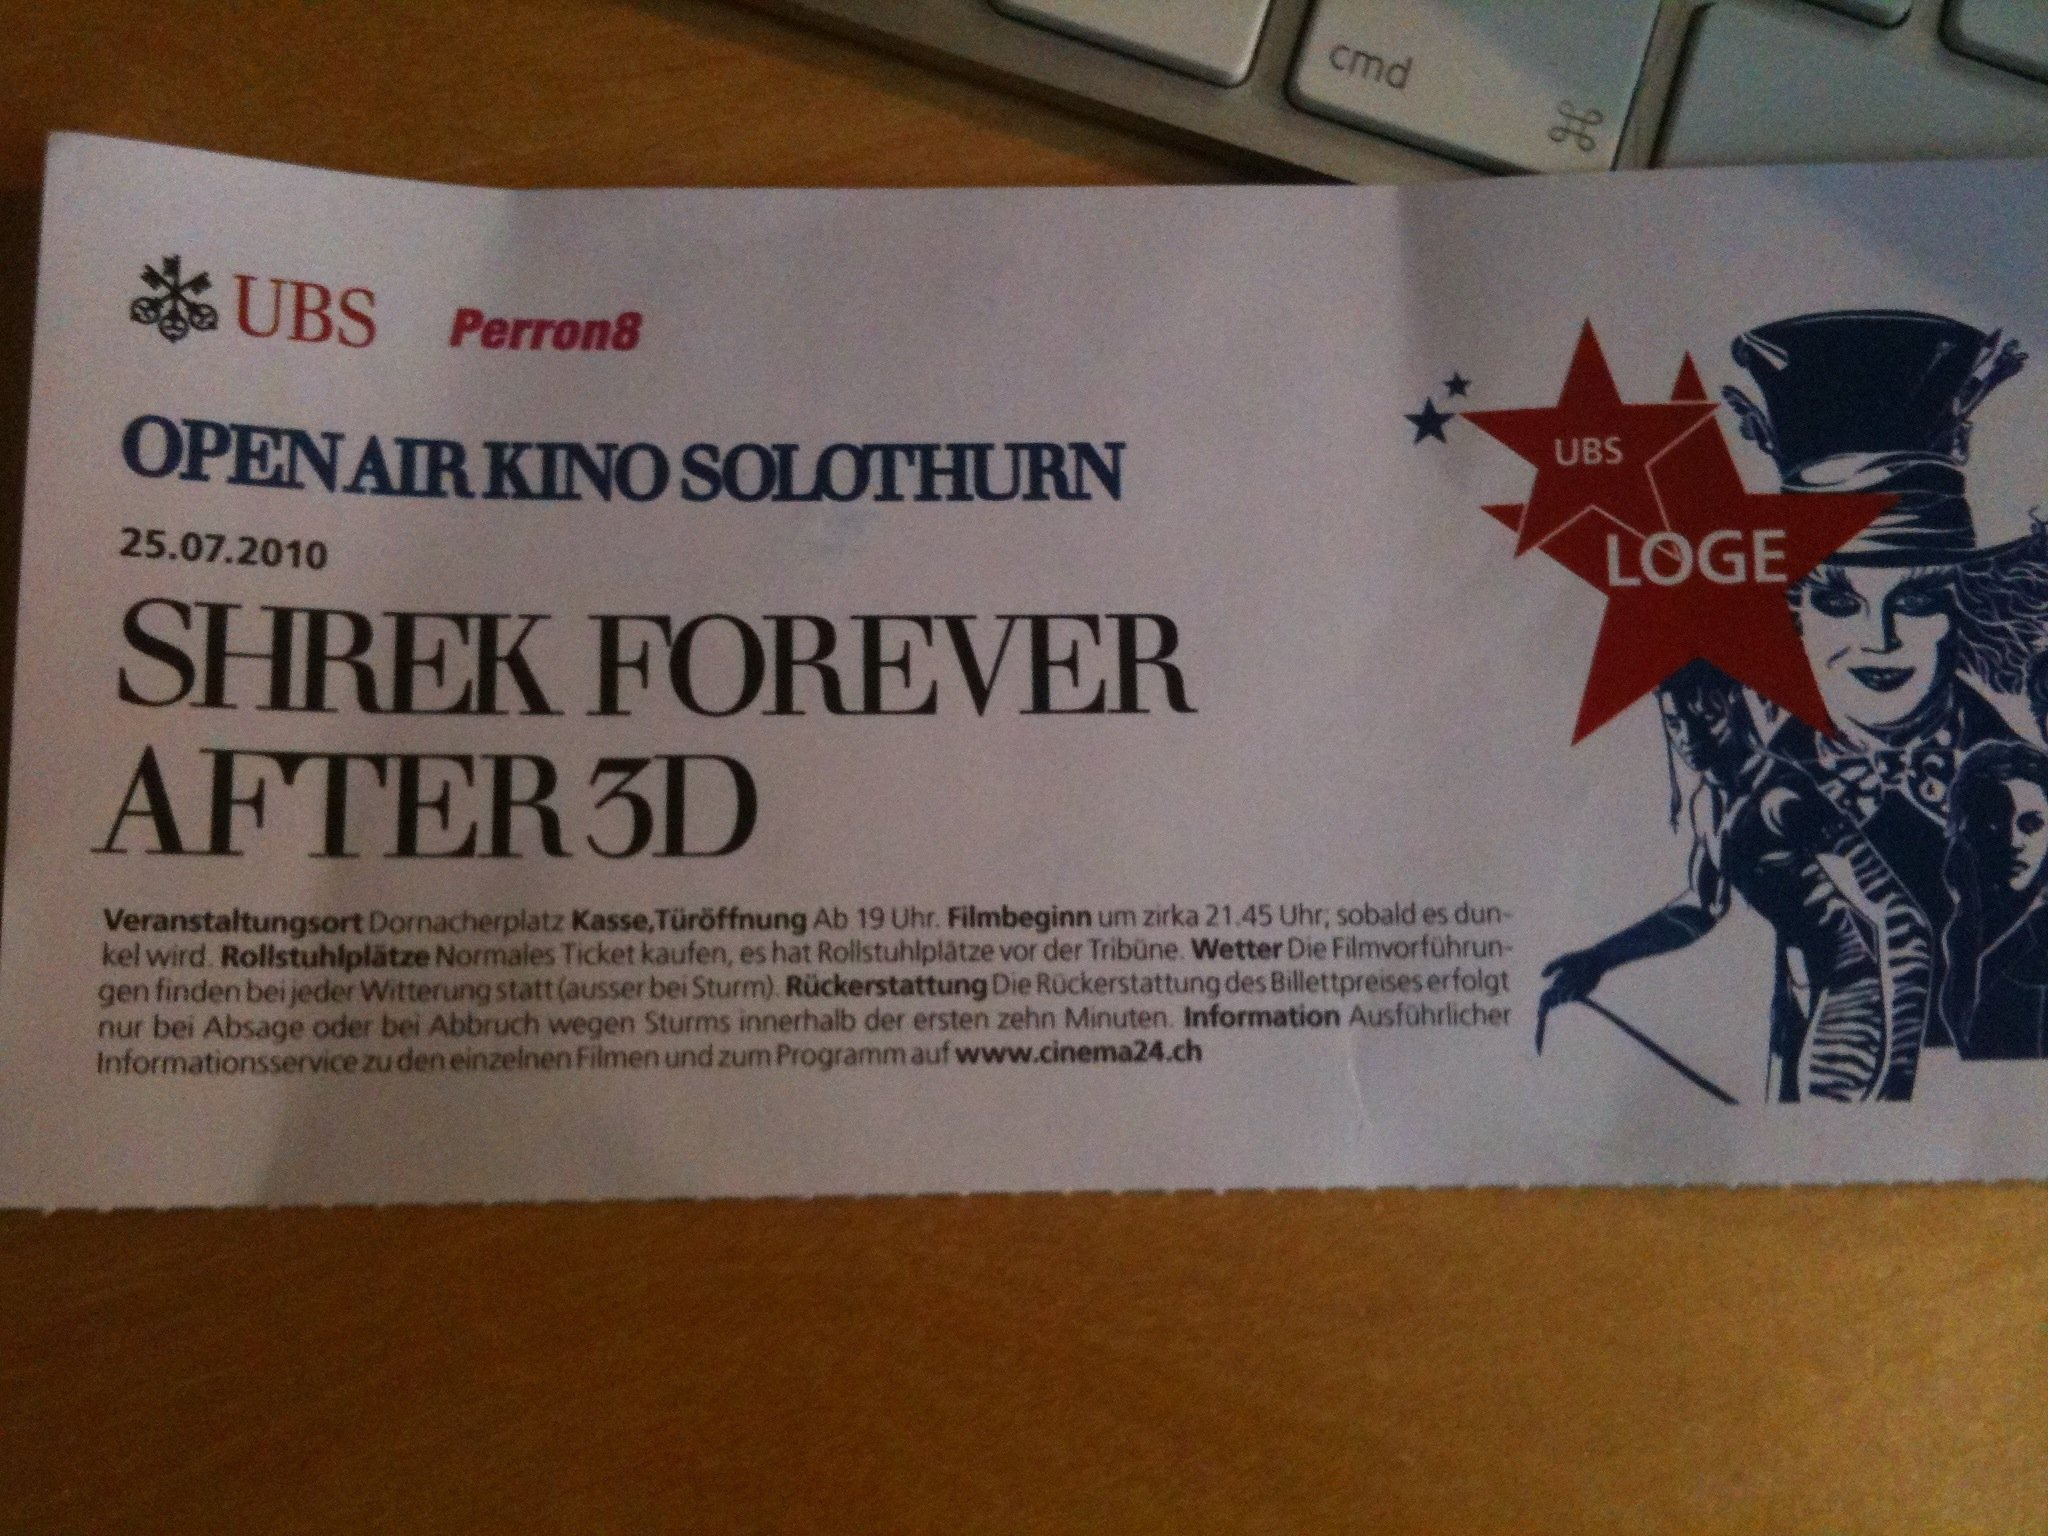 bekanntschaften treffen frau tipps internet flirt  Home - Stadt Nürnberg.